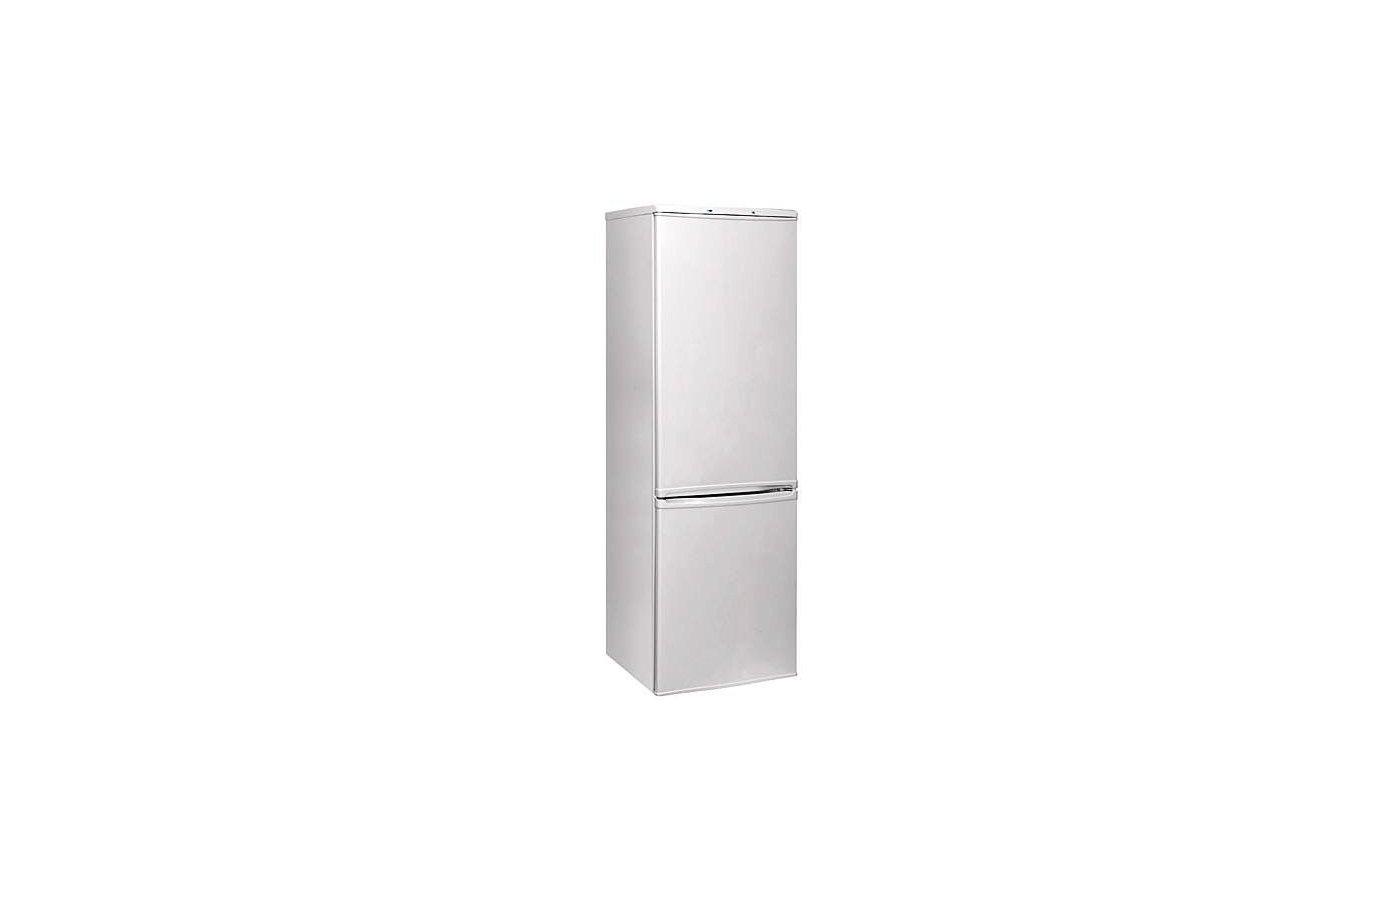 Холодильник НОРД ДХ-220 012